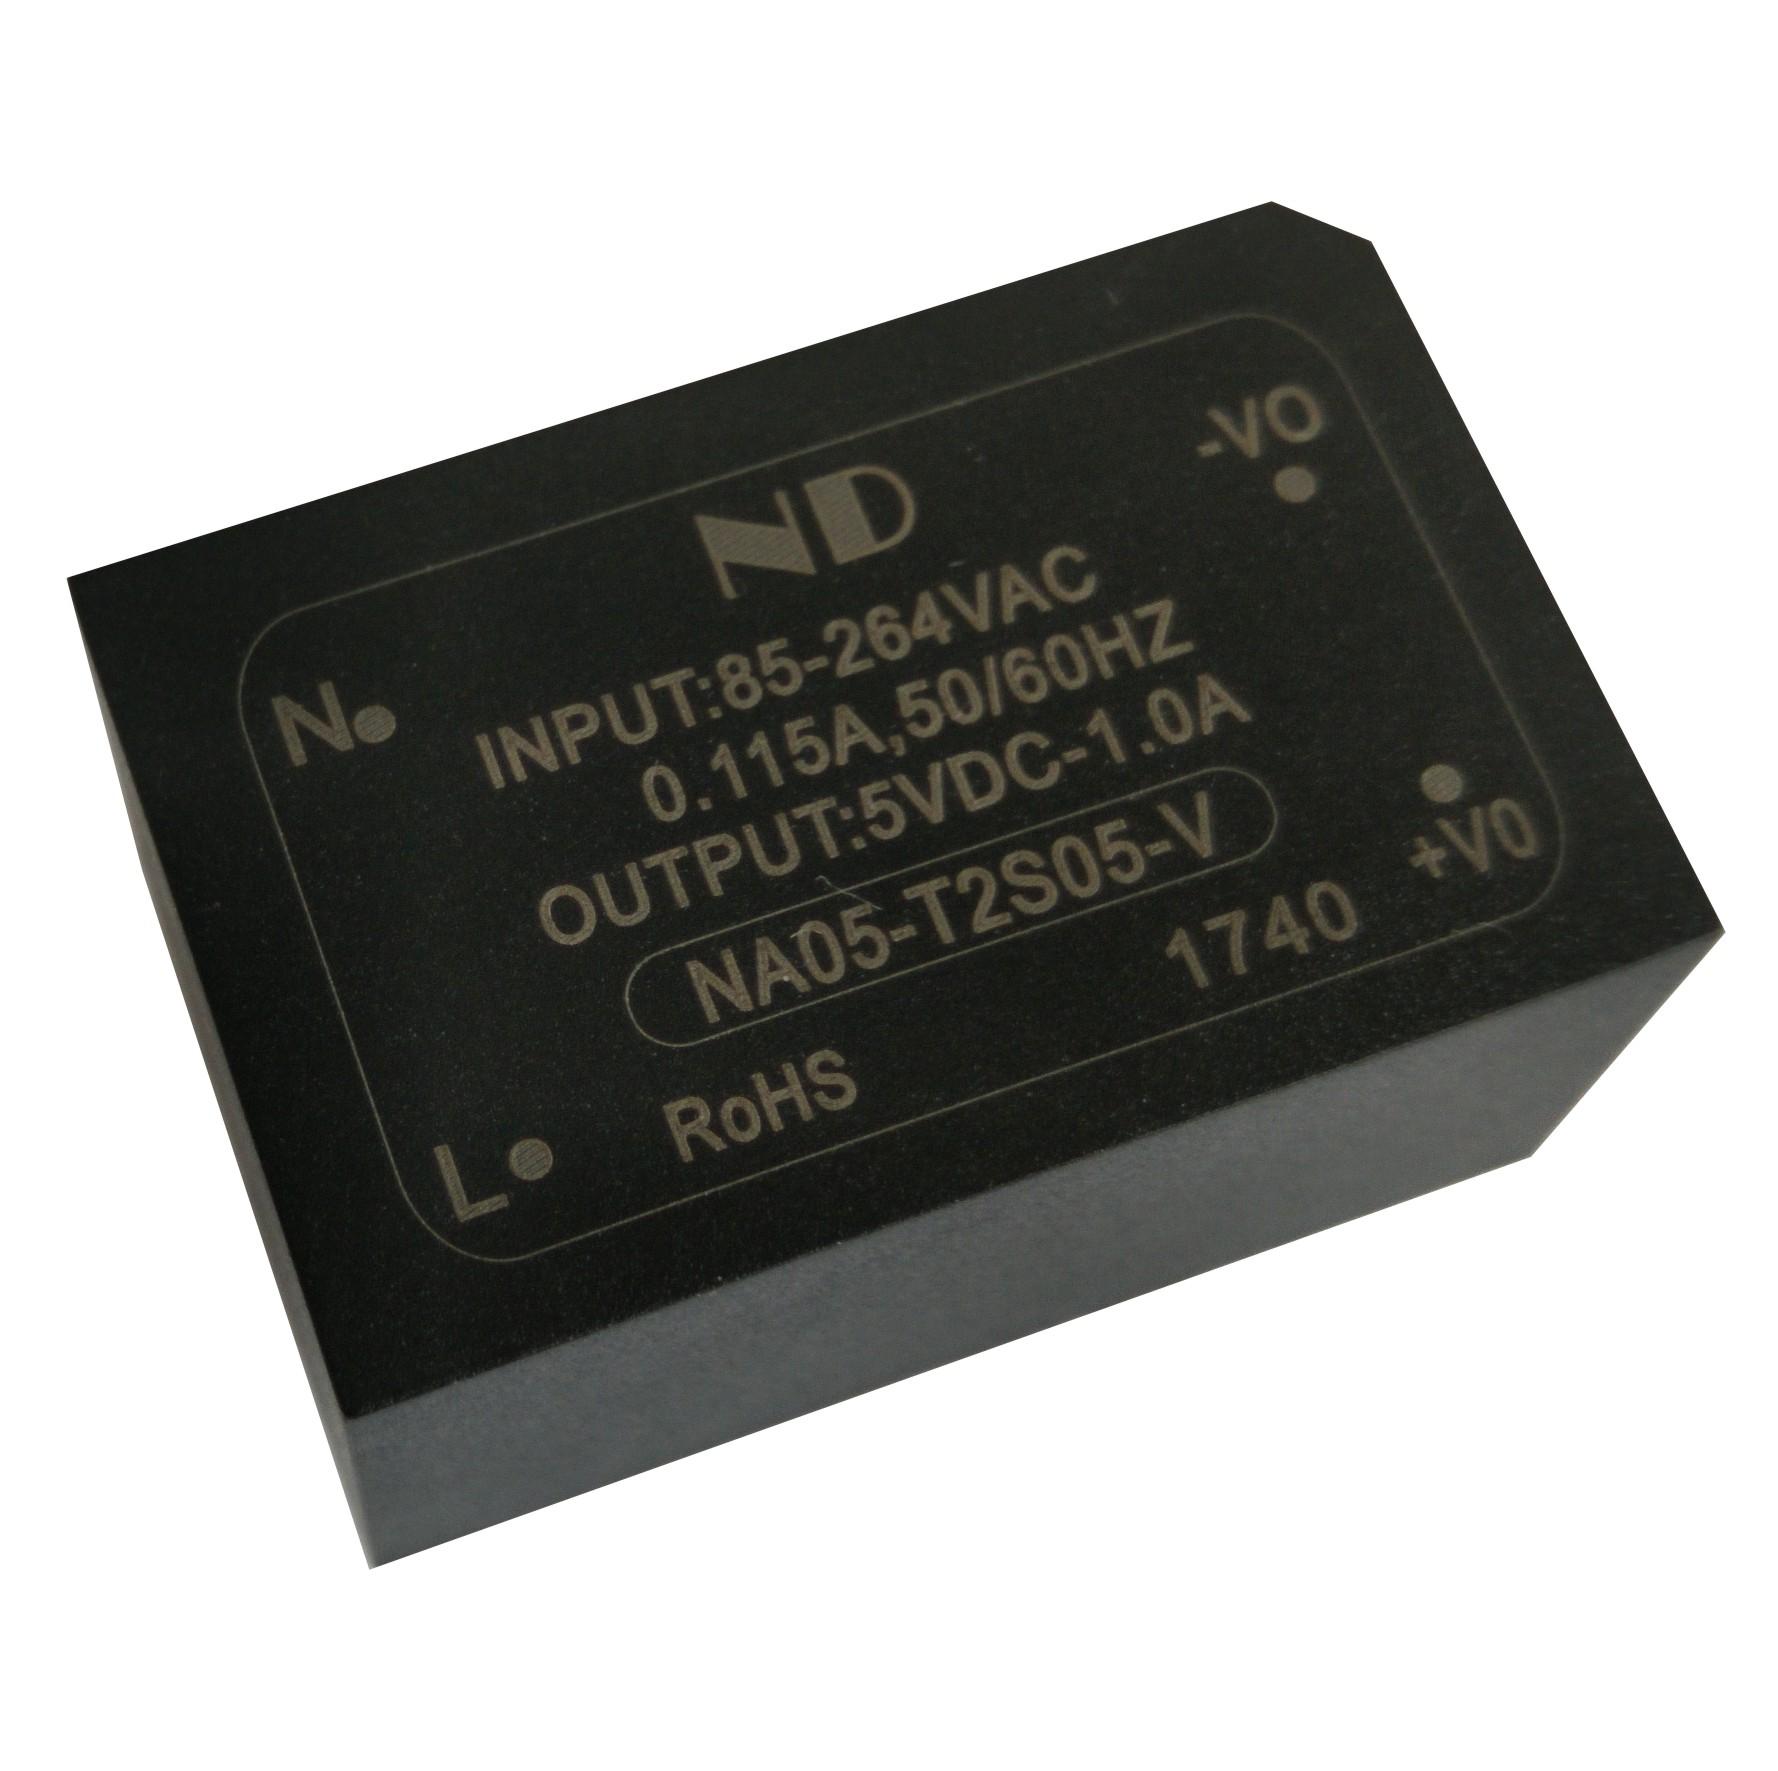 NA05-T2SXX-V